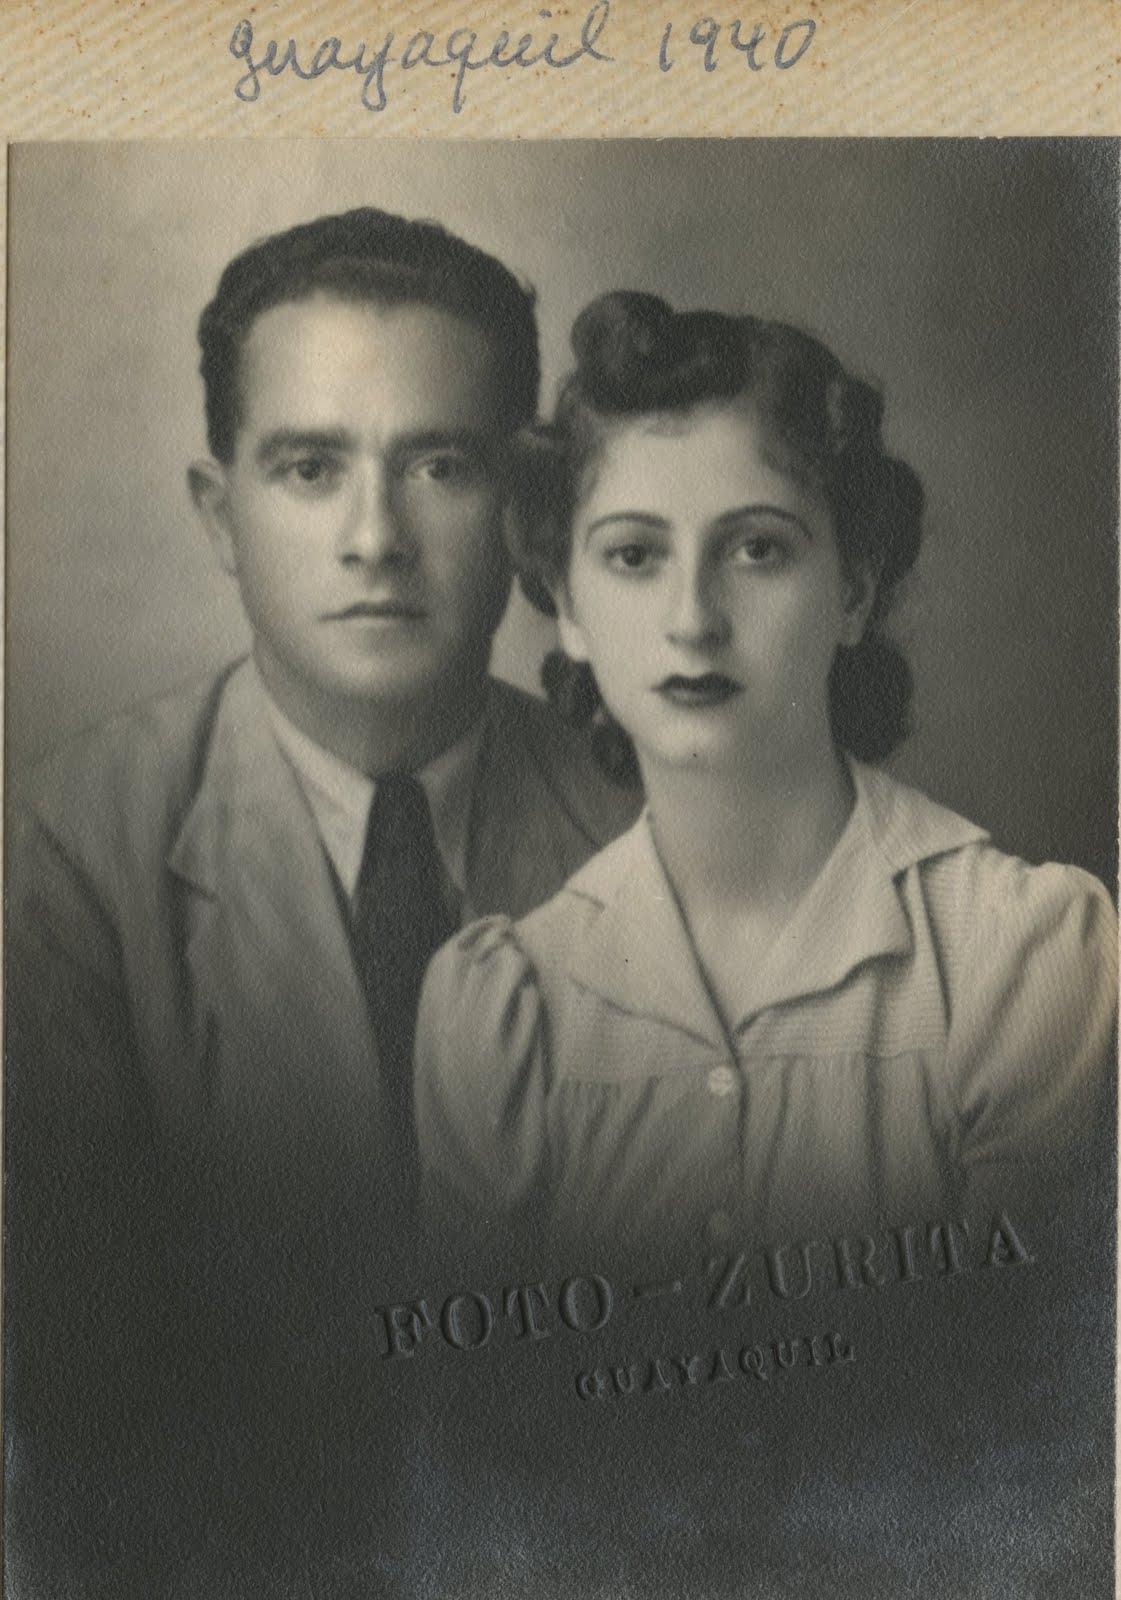 Manea Sifnaghel and Gerda Gumpel -- 1940, Guayaquil